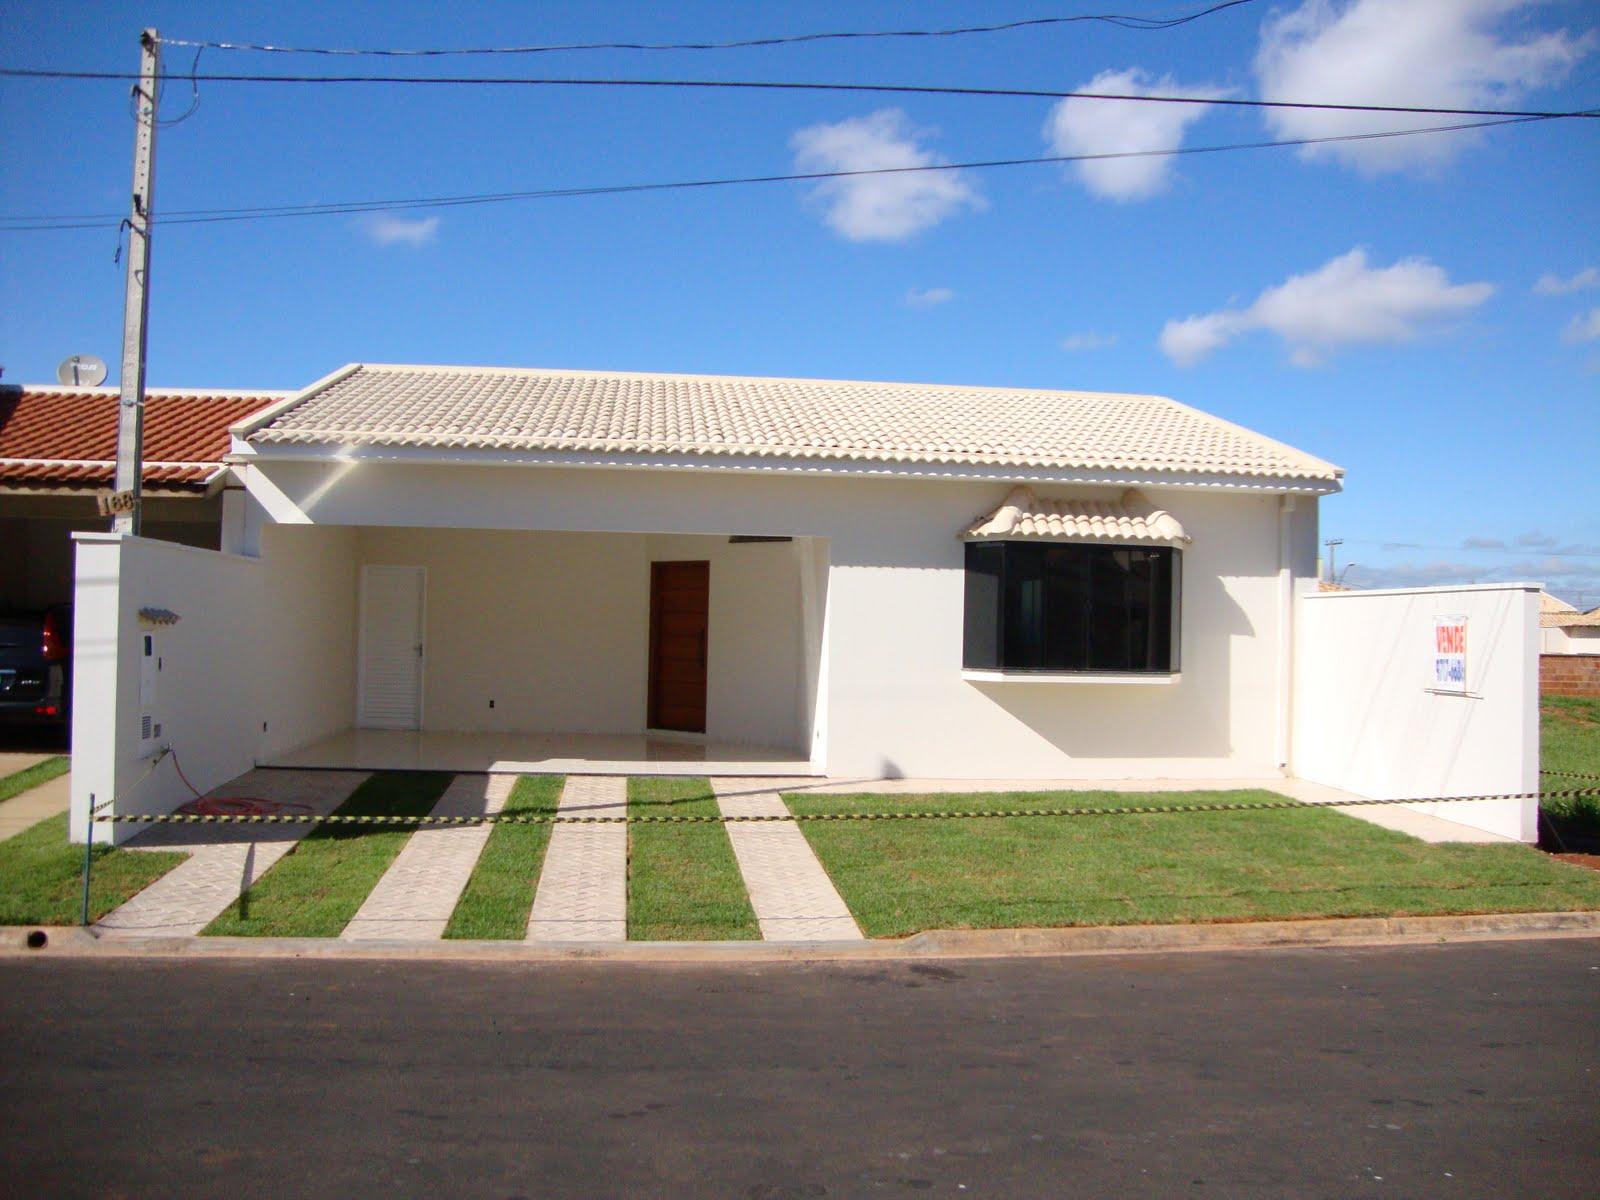 Casas bonitas fachada e planta baixa condominio flamboyants for Casas modernas fachadas bonitas